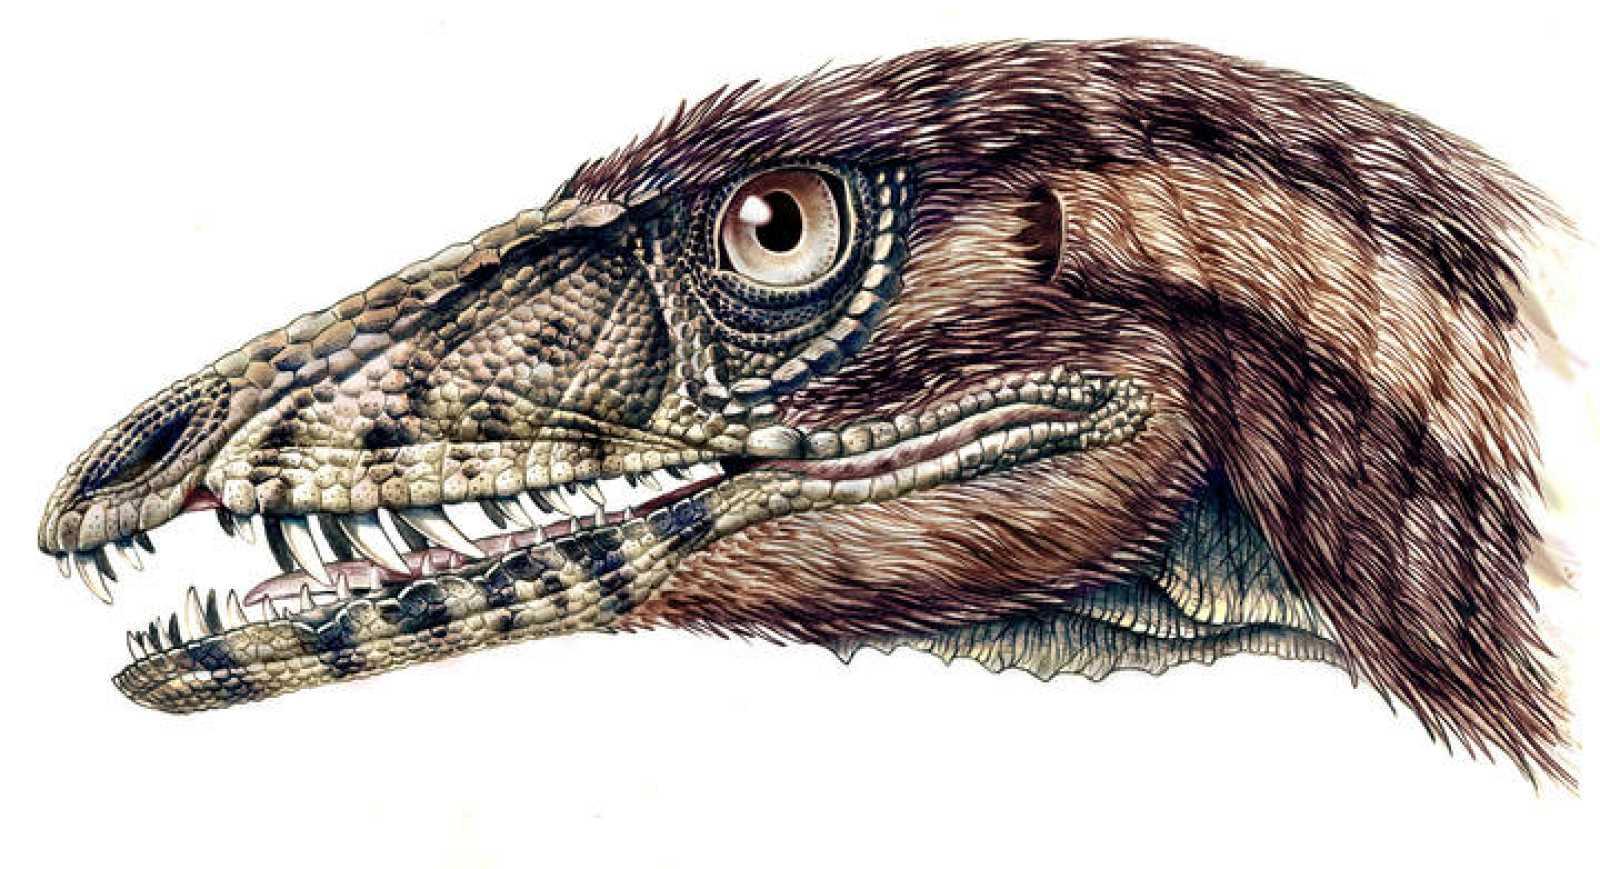 Un nuevo dinosaurio, perteneciente al linaje que dio origen al T-Rex y de unos 220 millones de años de antigüedad, apoya la teoría de que los dinosaurios surgieron en América del Sur